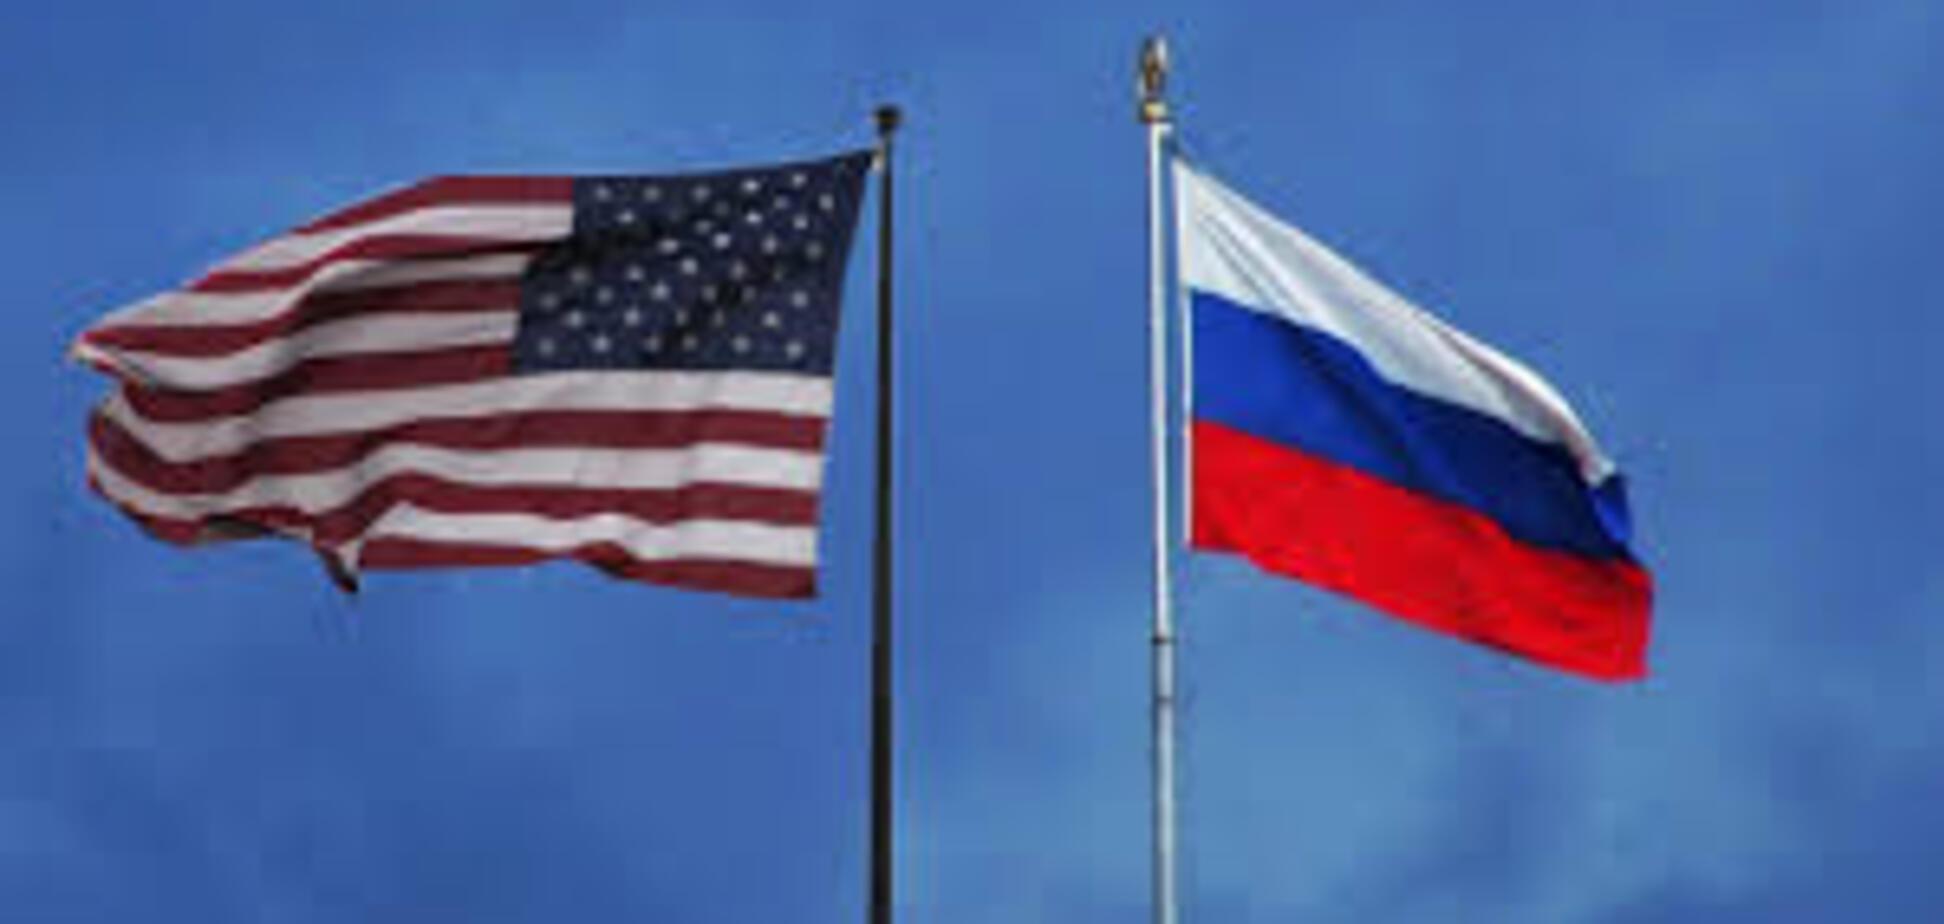 Неделя на сборы: США выслали российских дипломатов